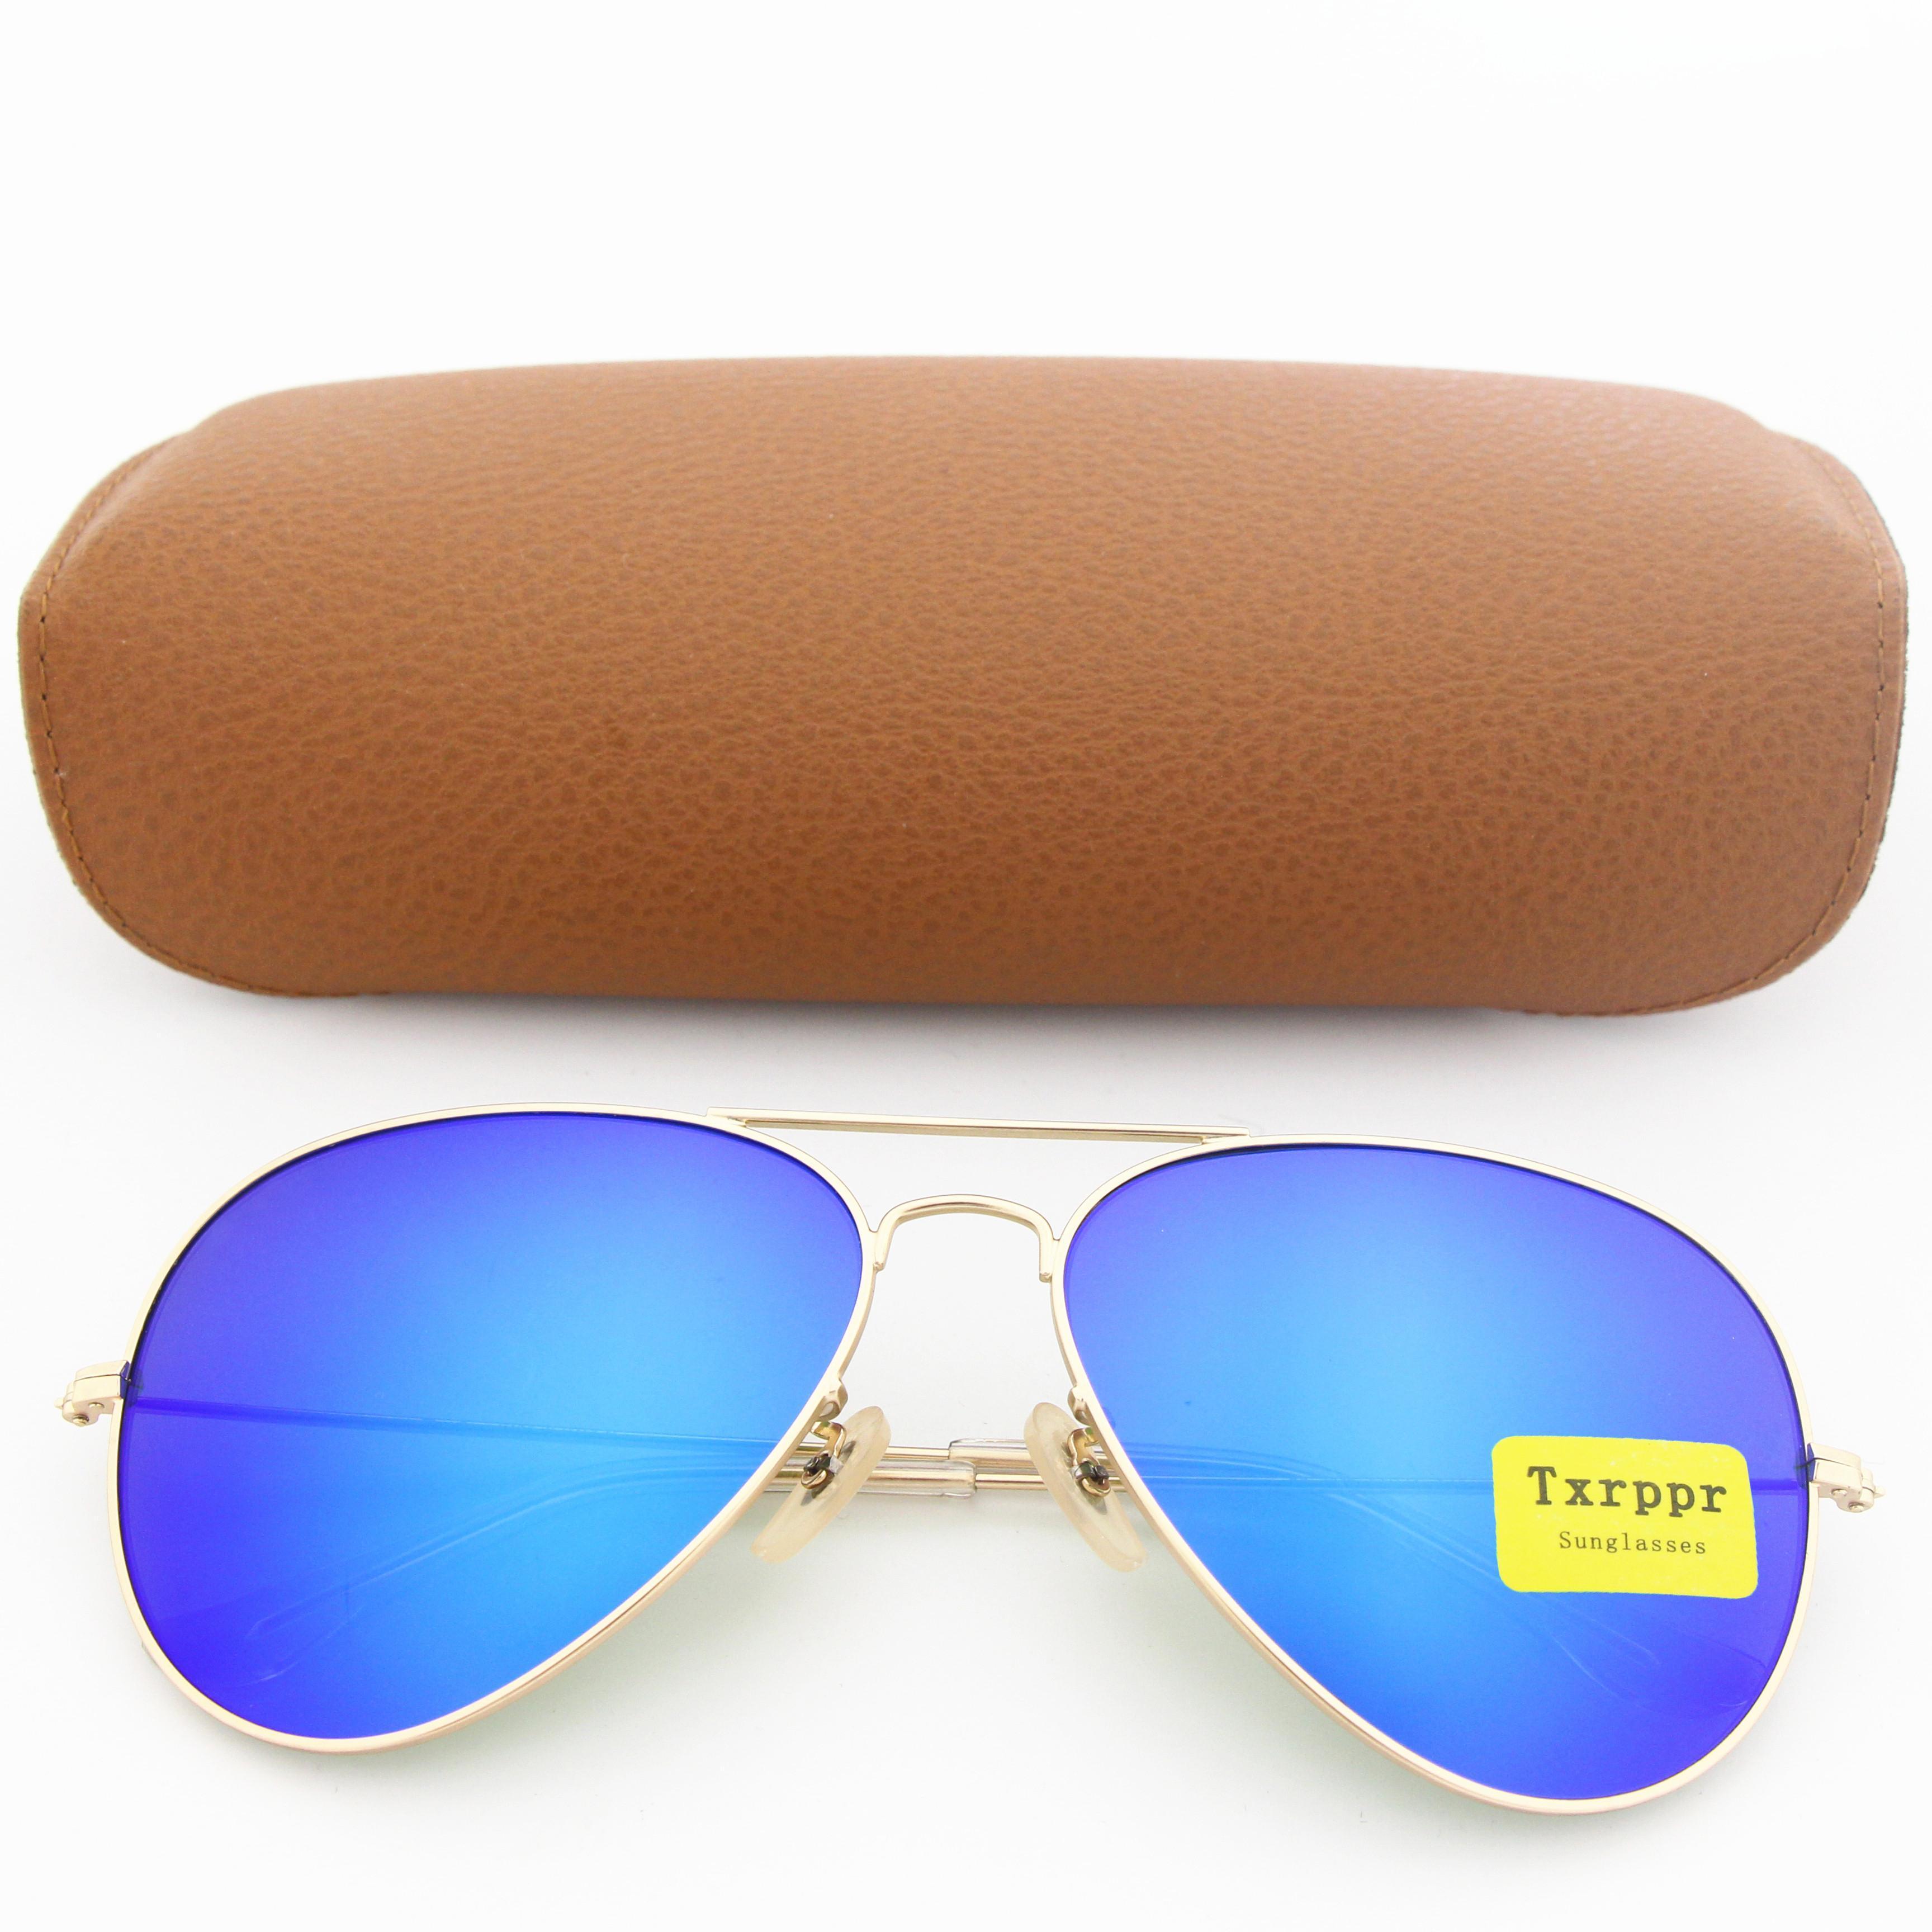 High Quality Driving Sunglasses For Men Women Vassl Sun Glasses Matte Gold Frame Blue Mirror 58mm UV400 Glasses lens with Brown Box